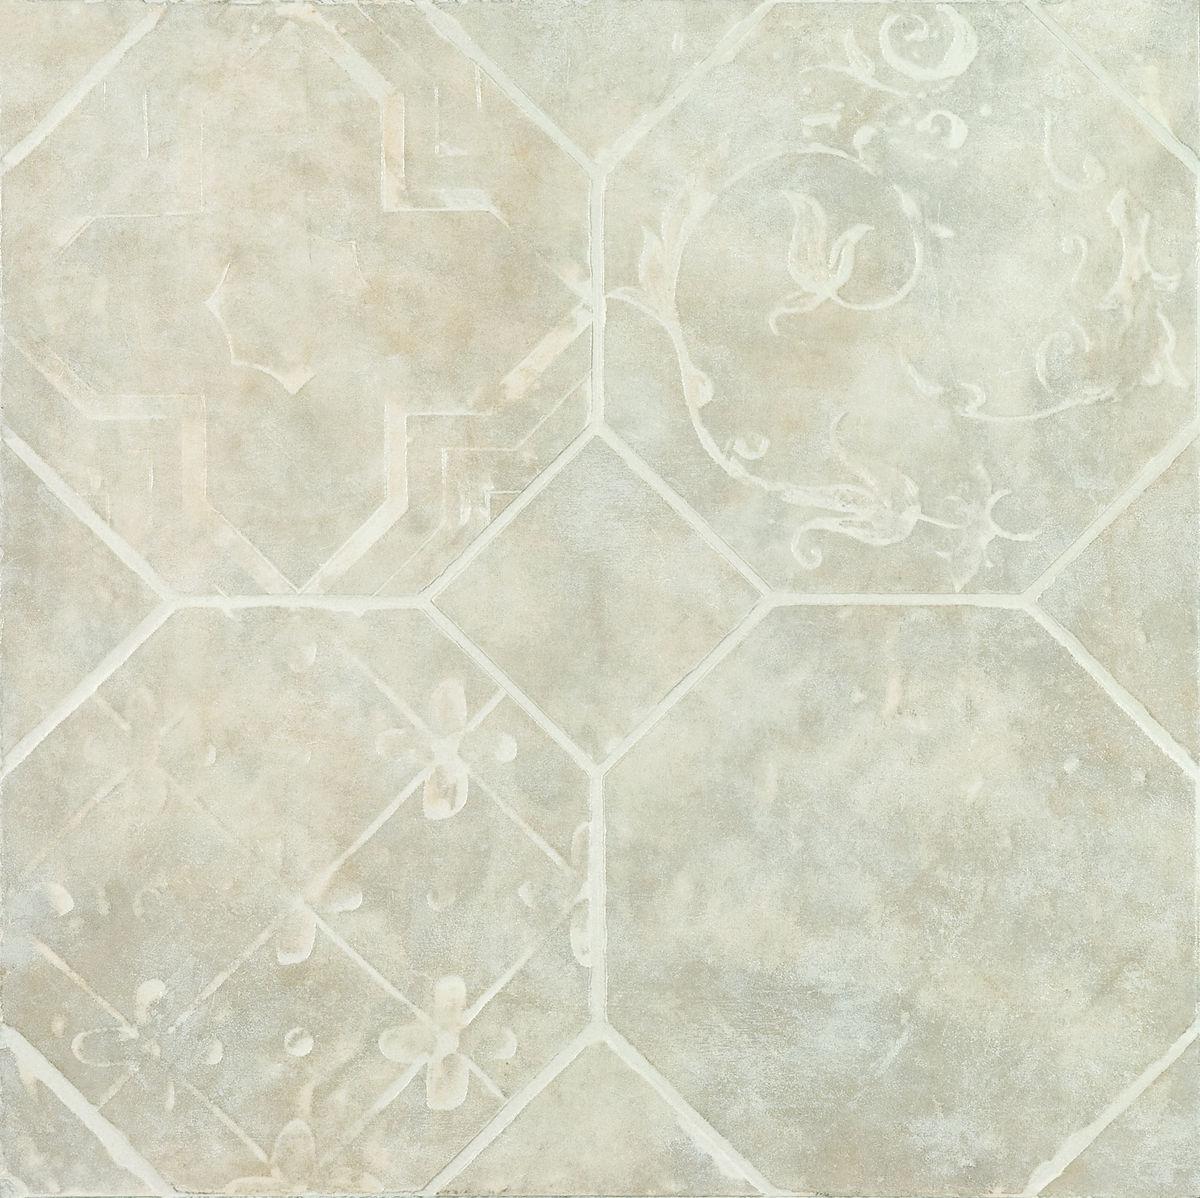 Плитка DECO  OCTAGON BIANCO 45*45 Decorato Octagon Bianco (zwxv81) изображение 1